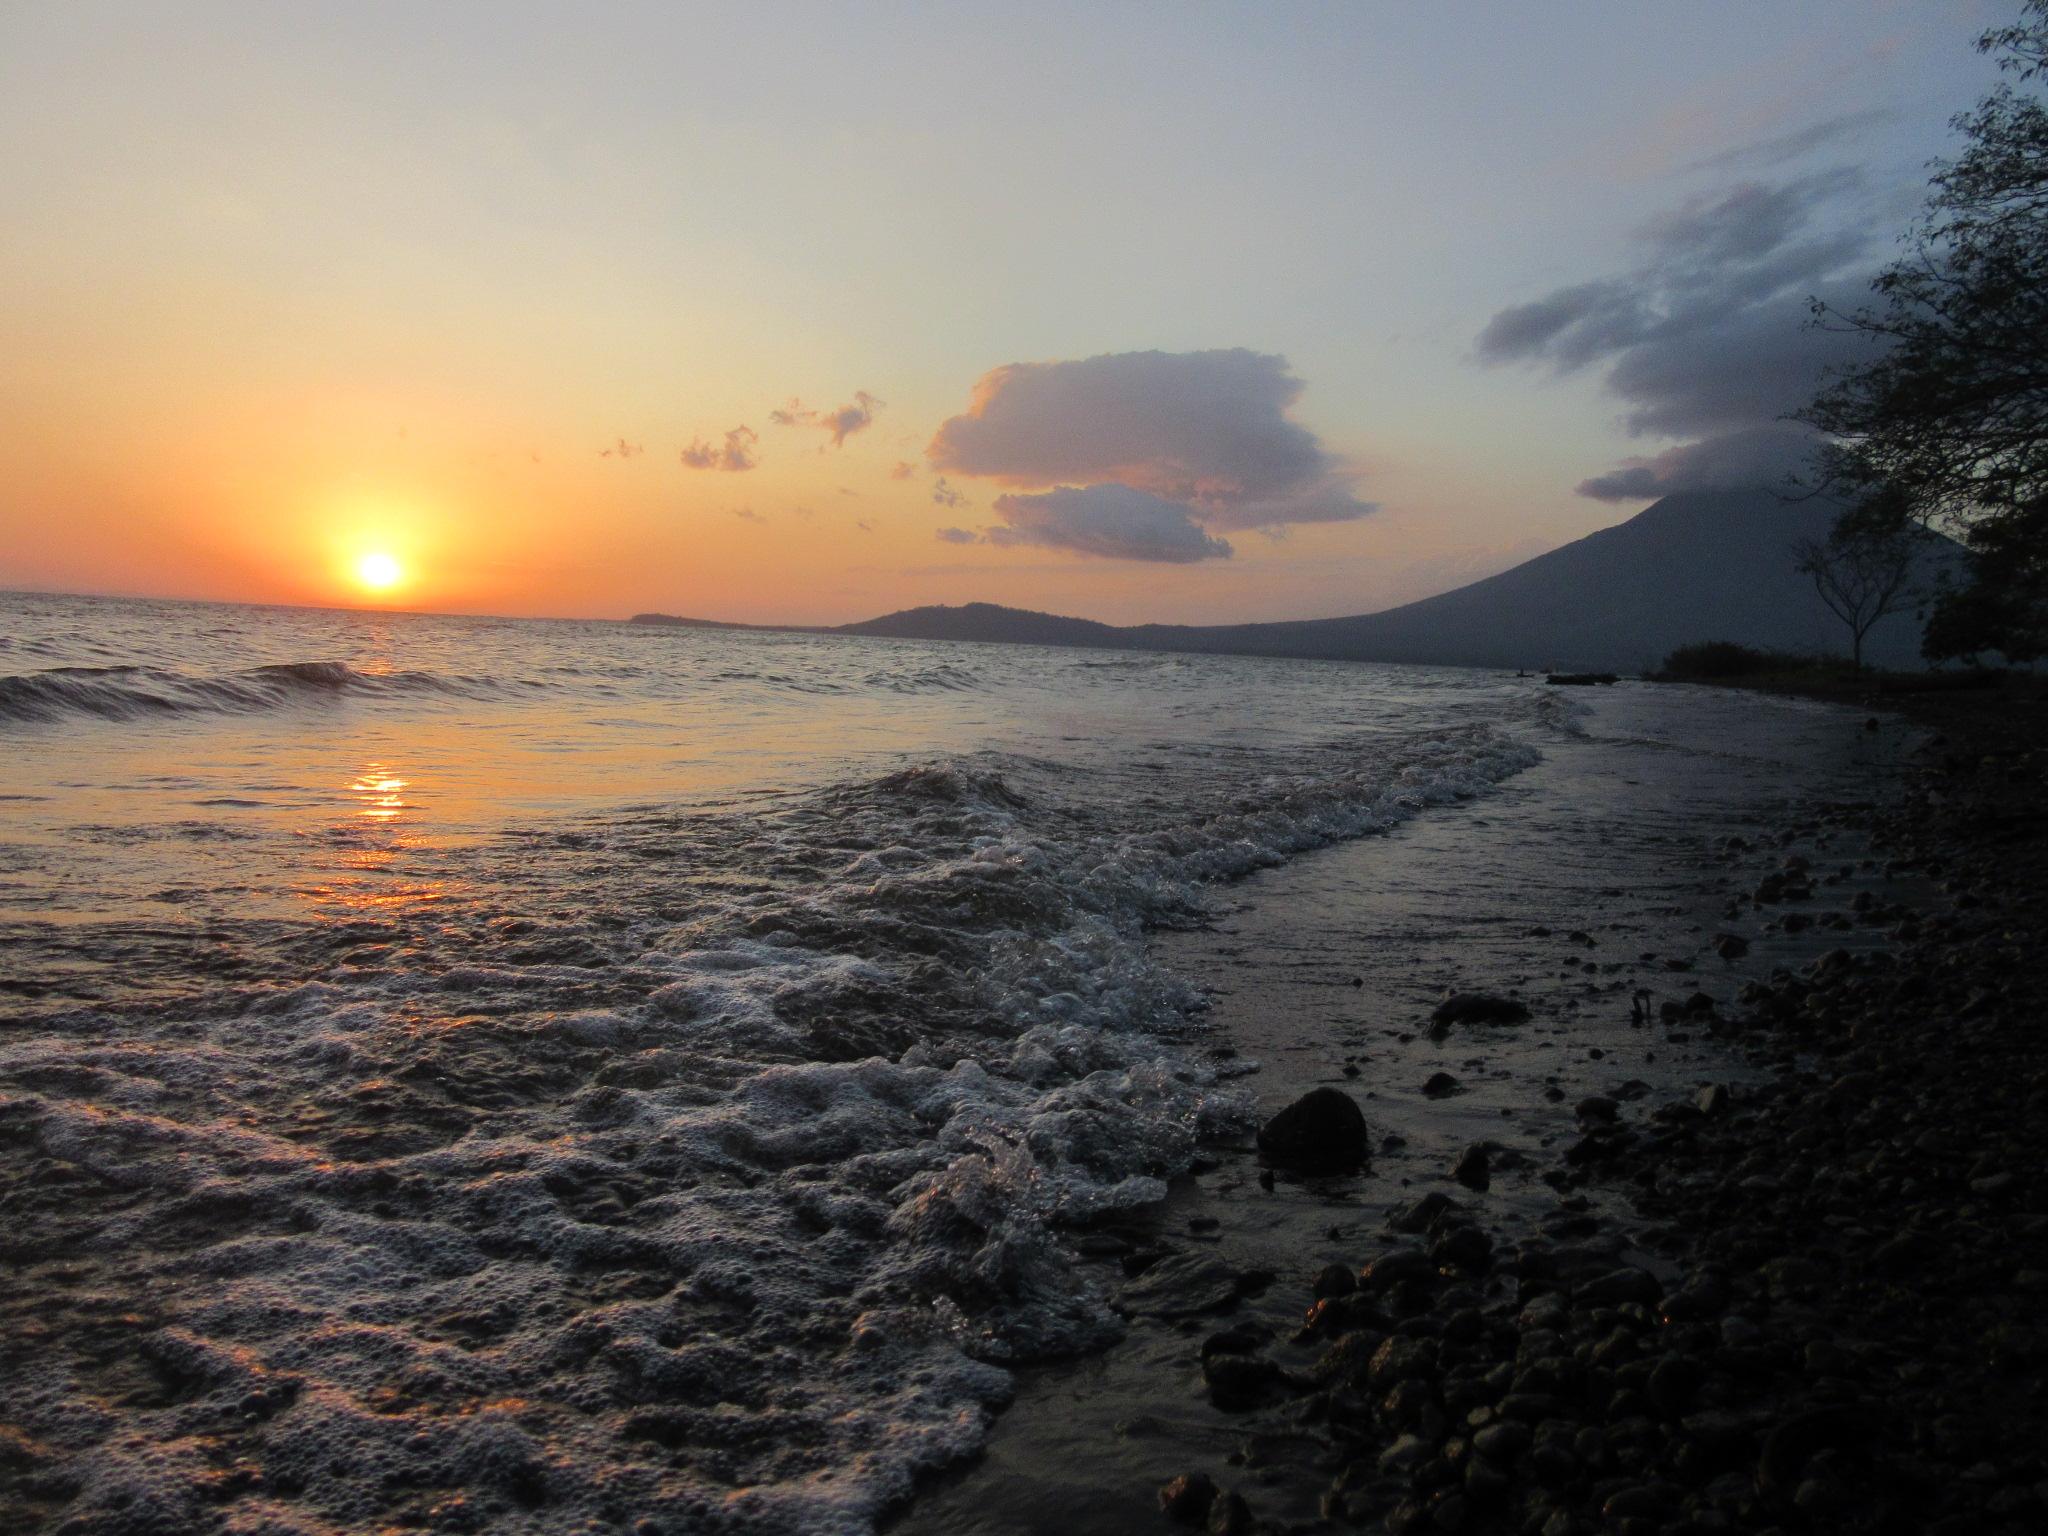 Nicaragua's lake and sunset